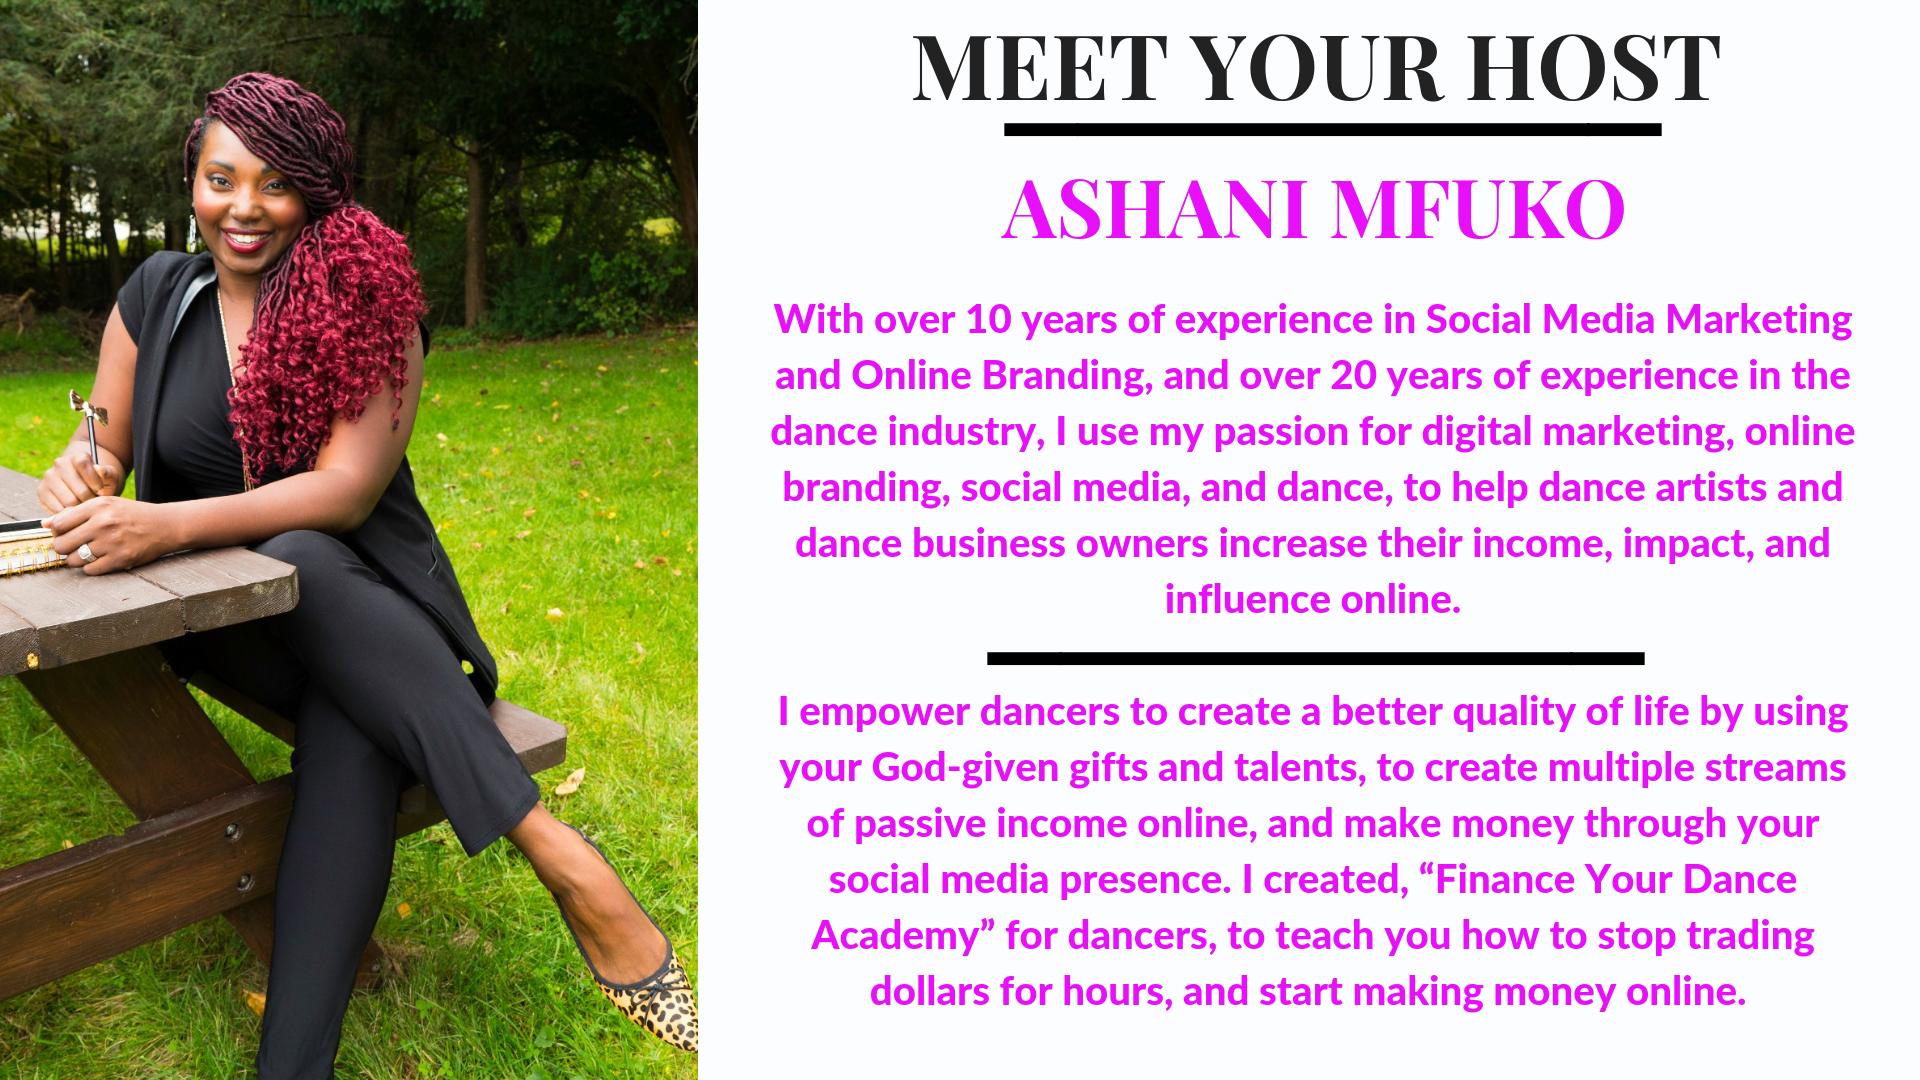 Meet Ashani Mfuko